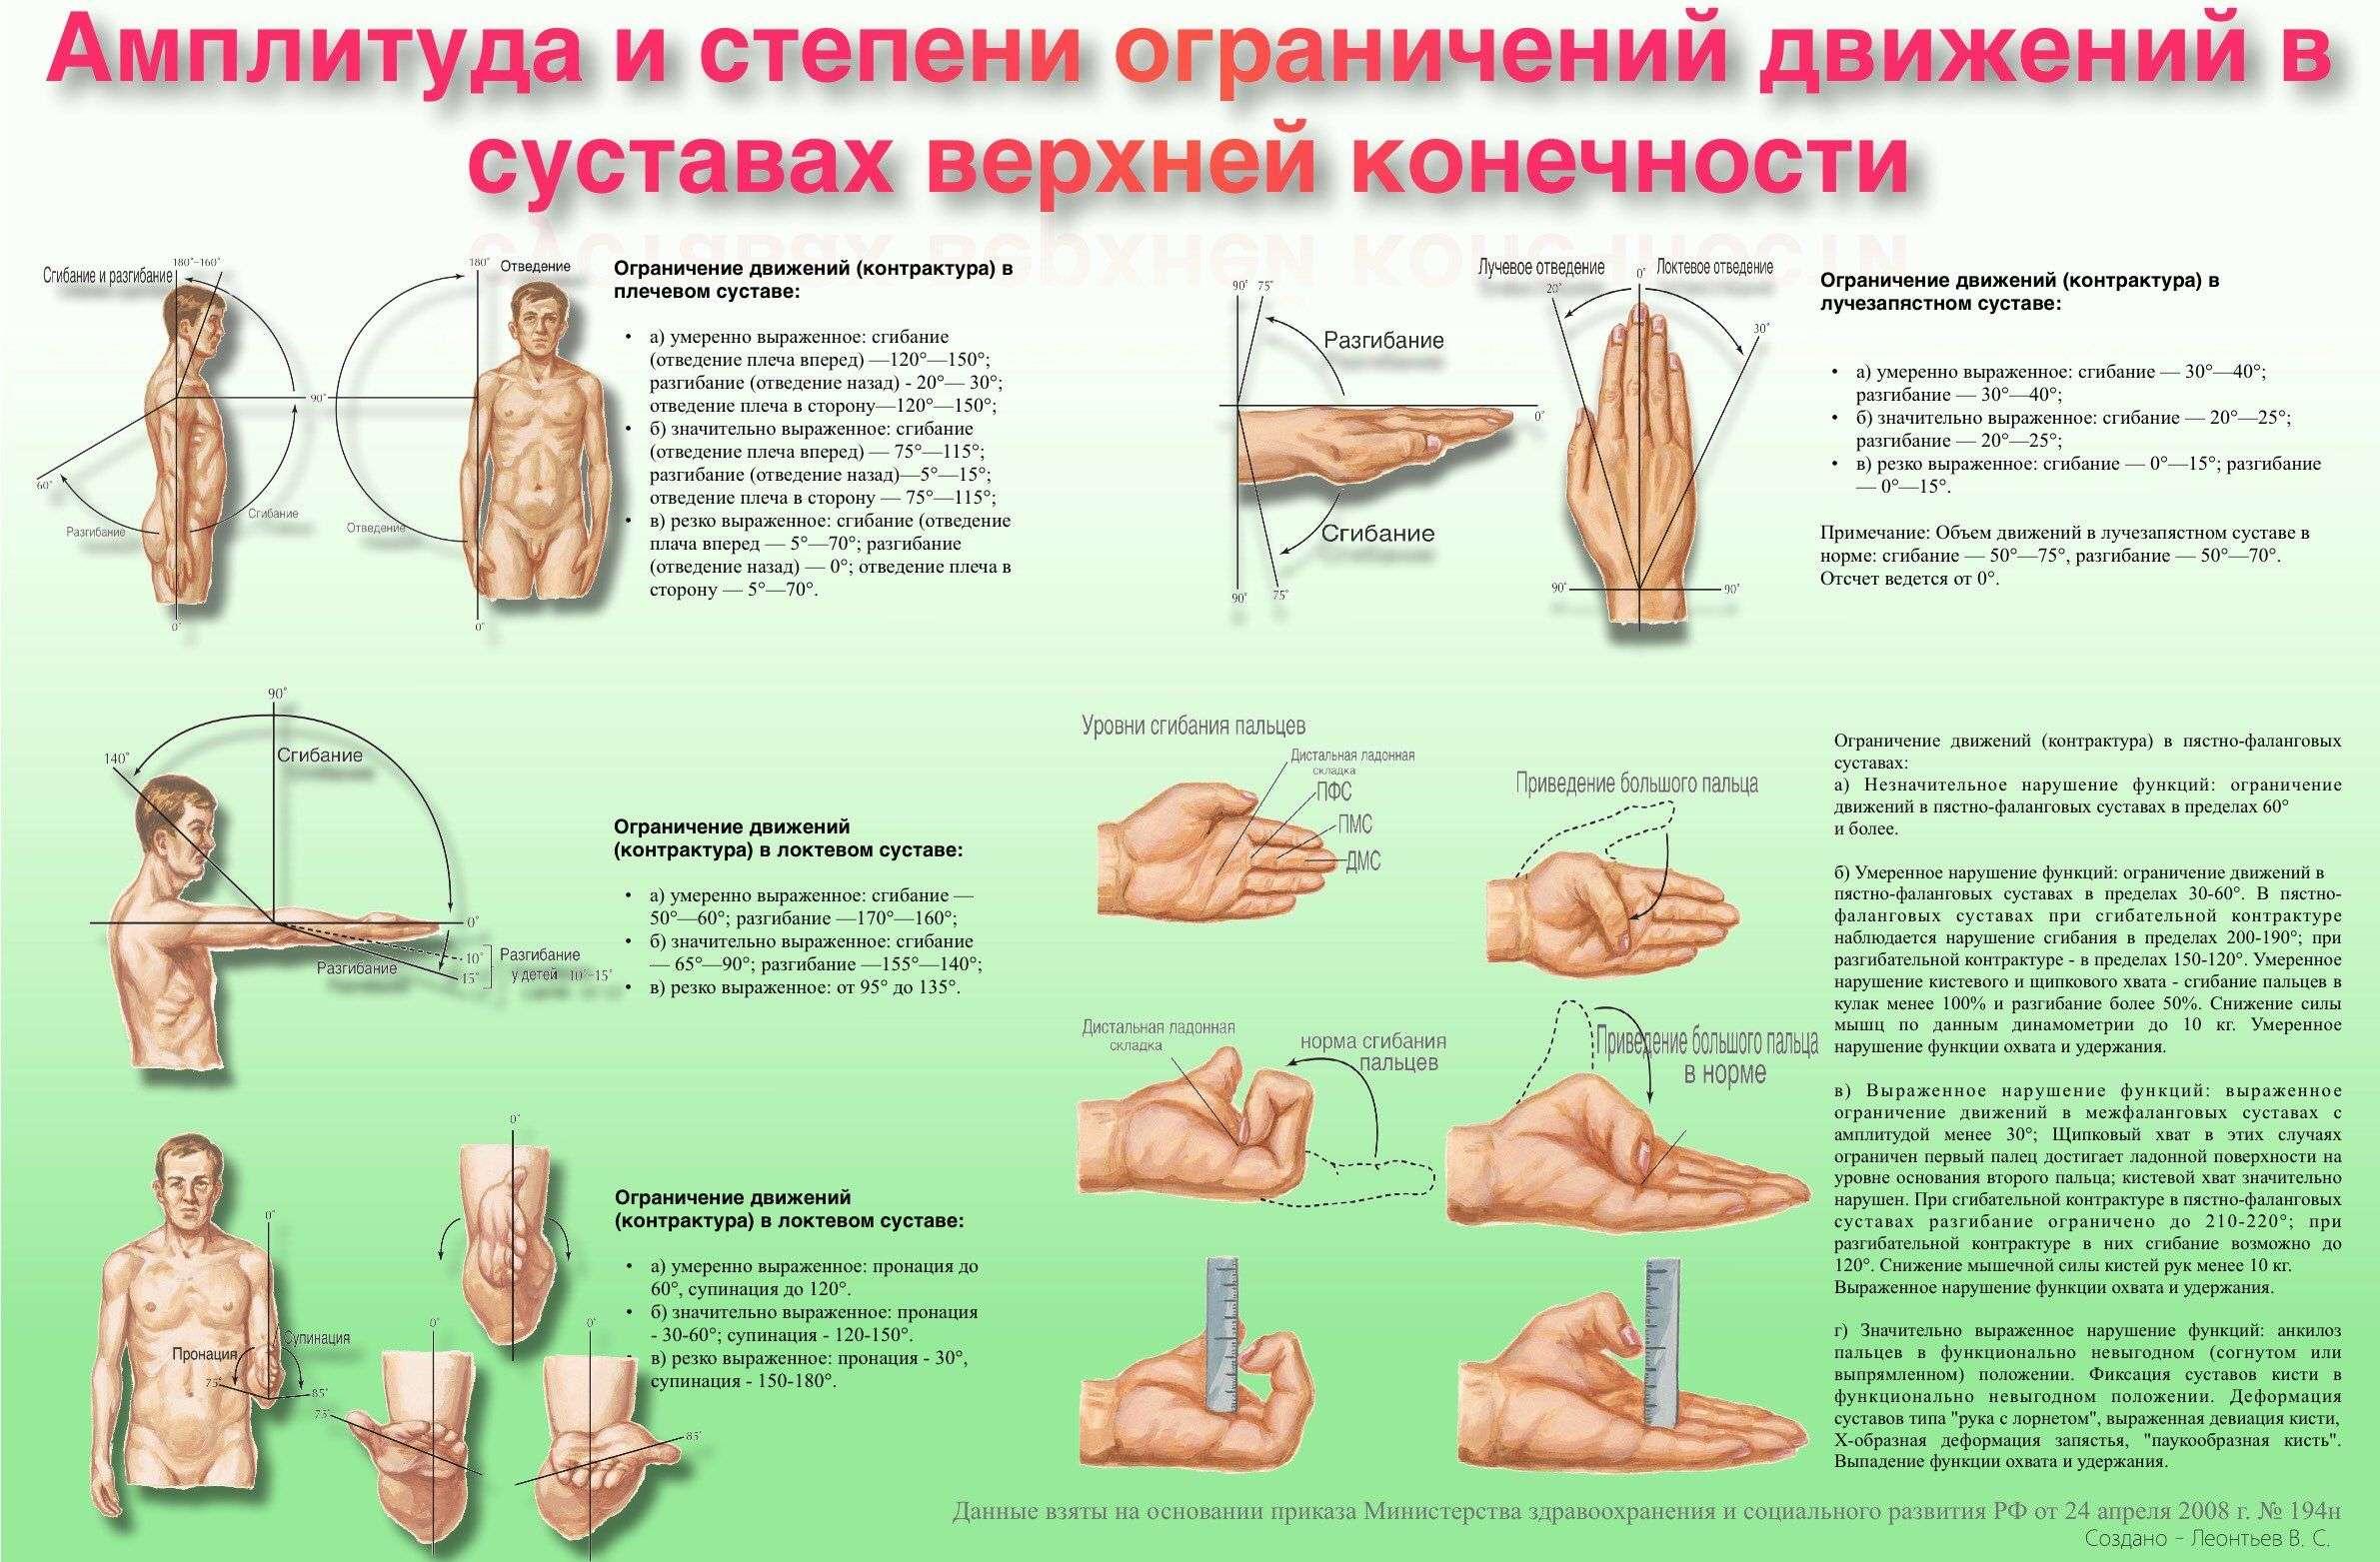 Сгибание и разгибание в голеностопном суставе незрелость тазобедренных суставов гимнастика